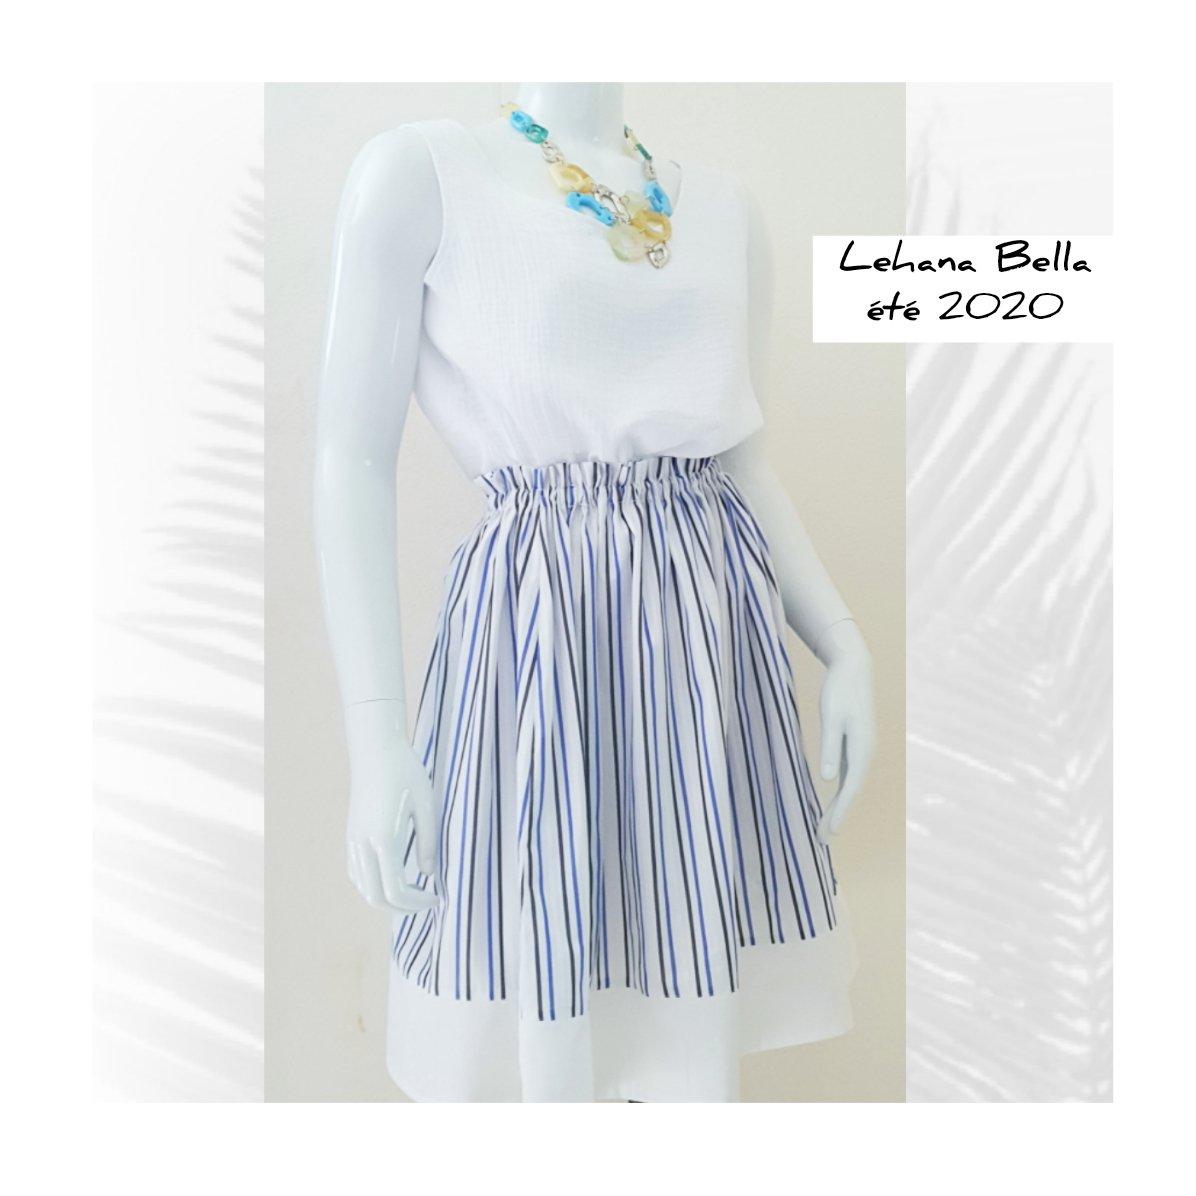 Made in France et réalisée à la main,  la petite jupe du week-end de la capsule BELLA DONNA est disponible en ligne sur http://lehanabella.com #madeinfrance #handmade #popeline #sun #frenchstyle #instafashion #fashionbloggers #sunstyle #dolcevita #lookdujour pic.twitter.com/RDi5udEzo6